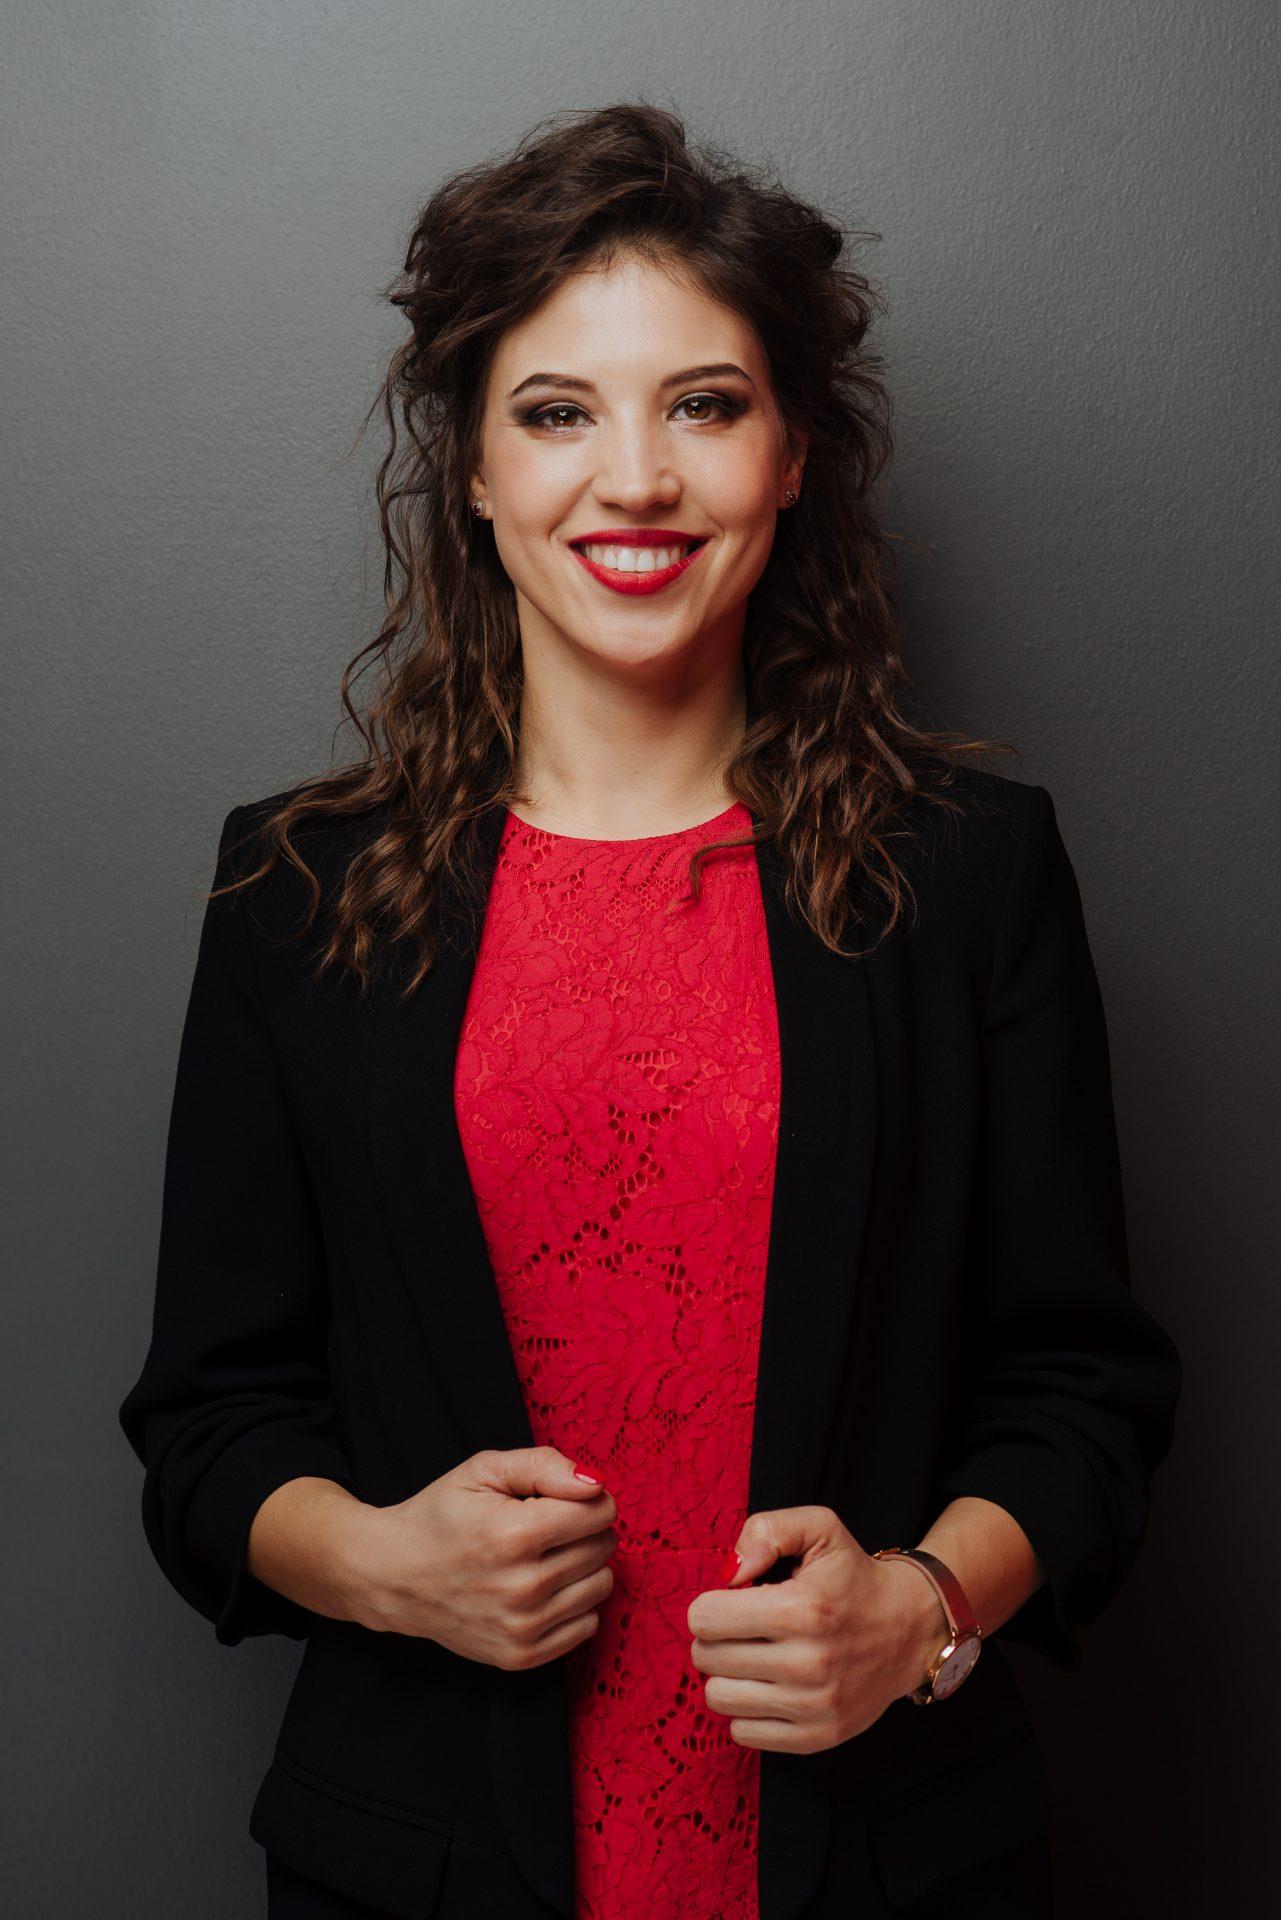 Ieva Vilcina art director EventAgency.lv